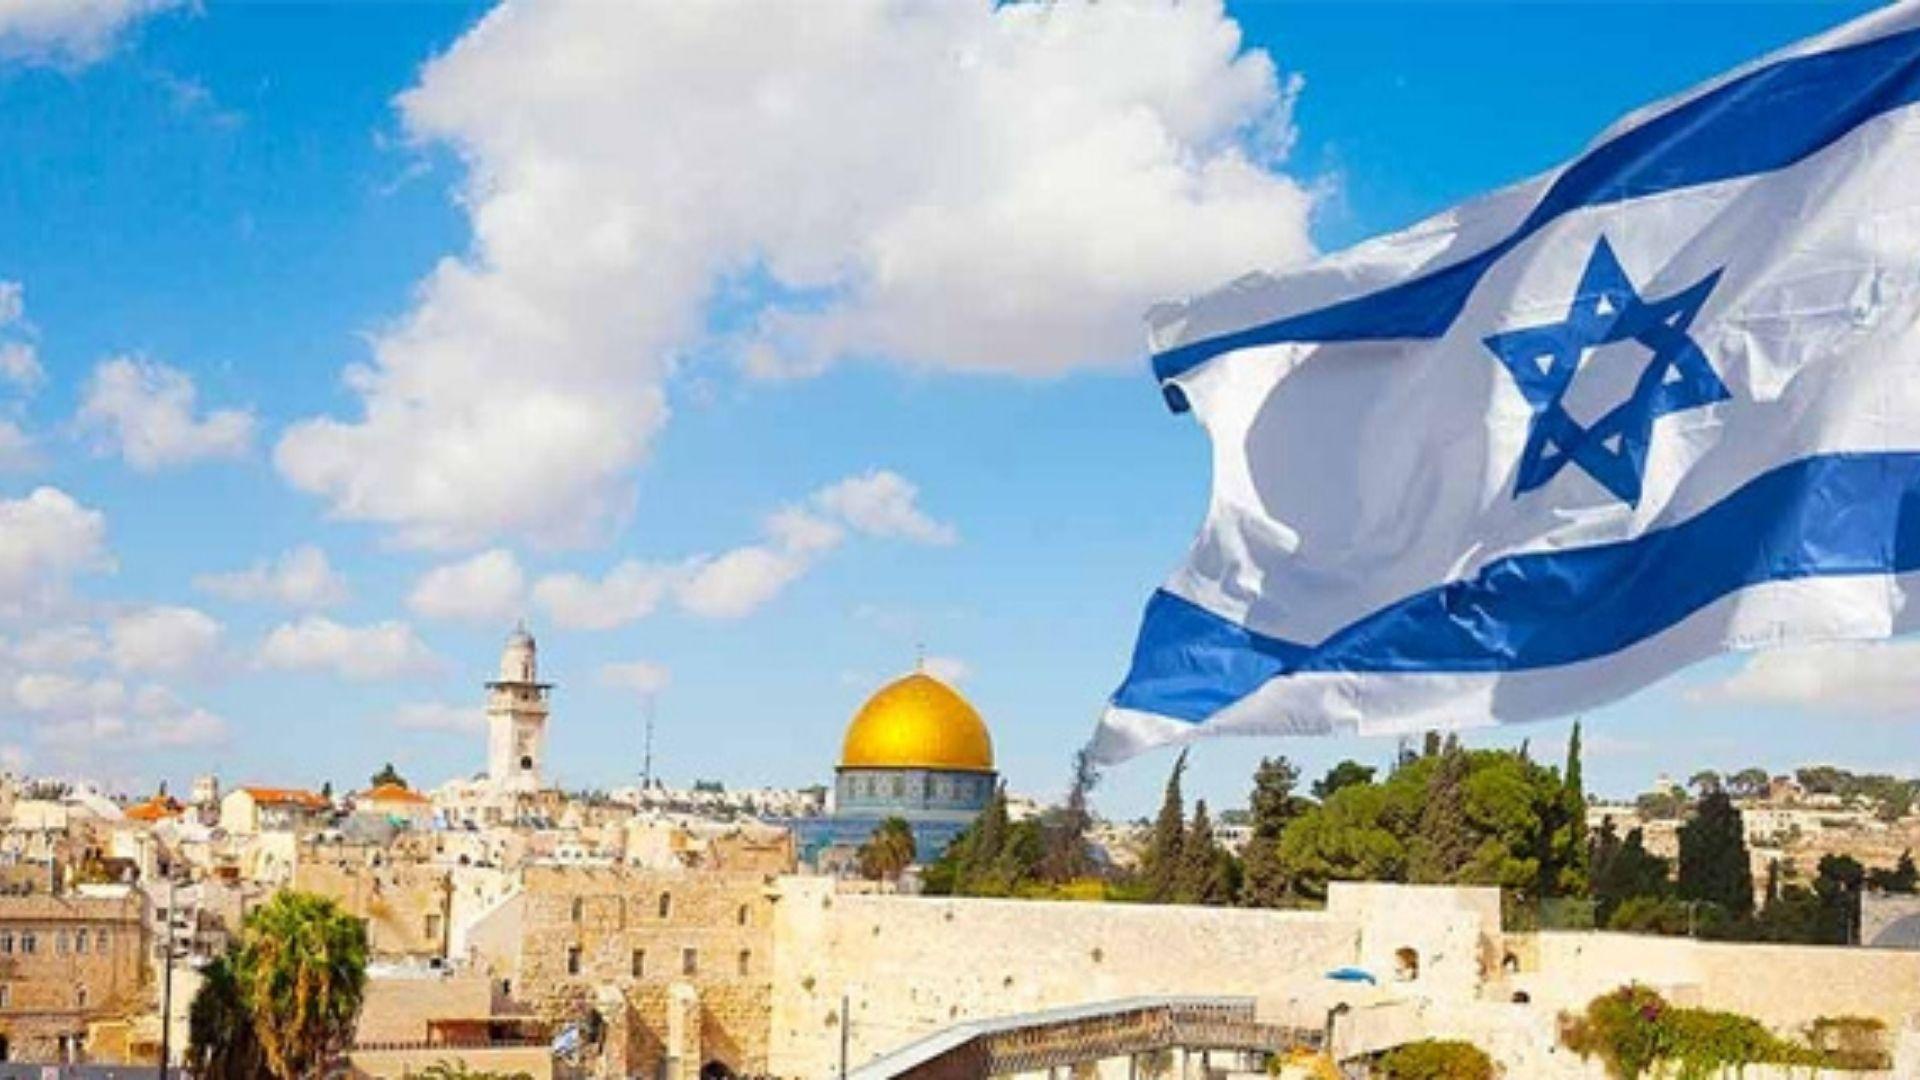 სავარუდოდ, ისრაელი იქნება პირველი ქვეყანა, საიდანაც საქართველო ტურისტებს მიიღებს